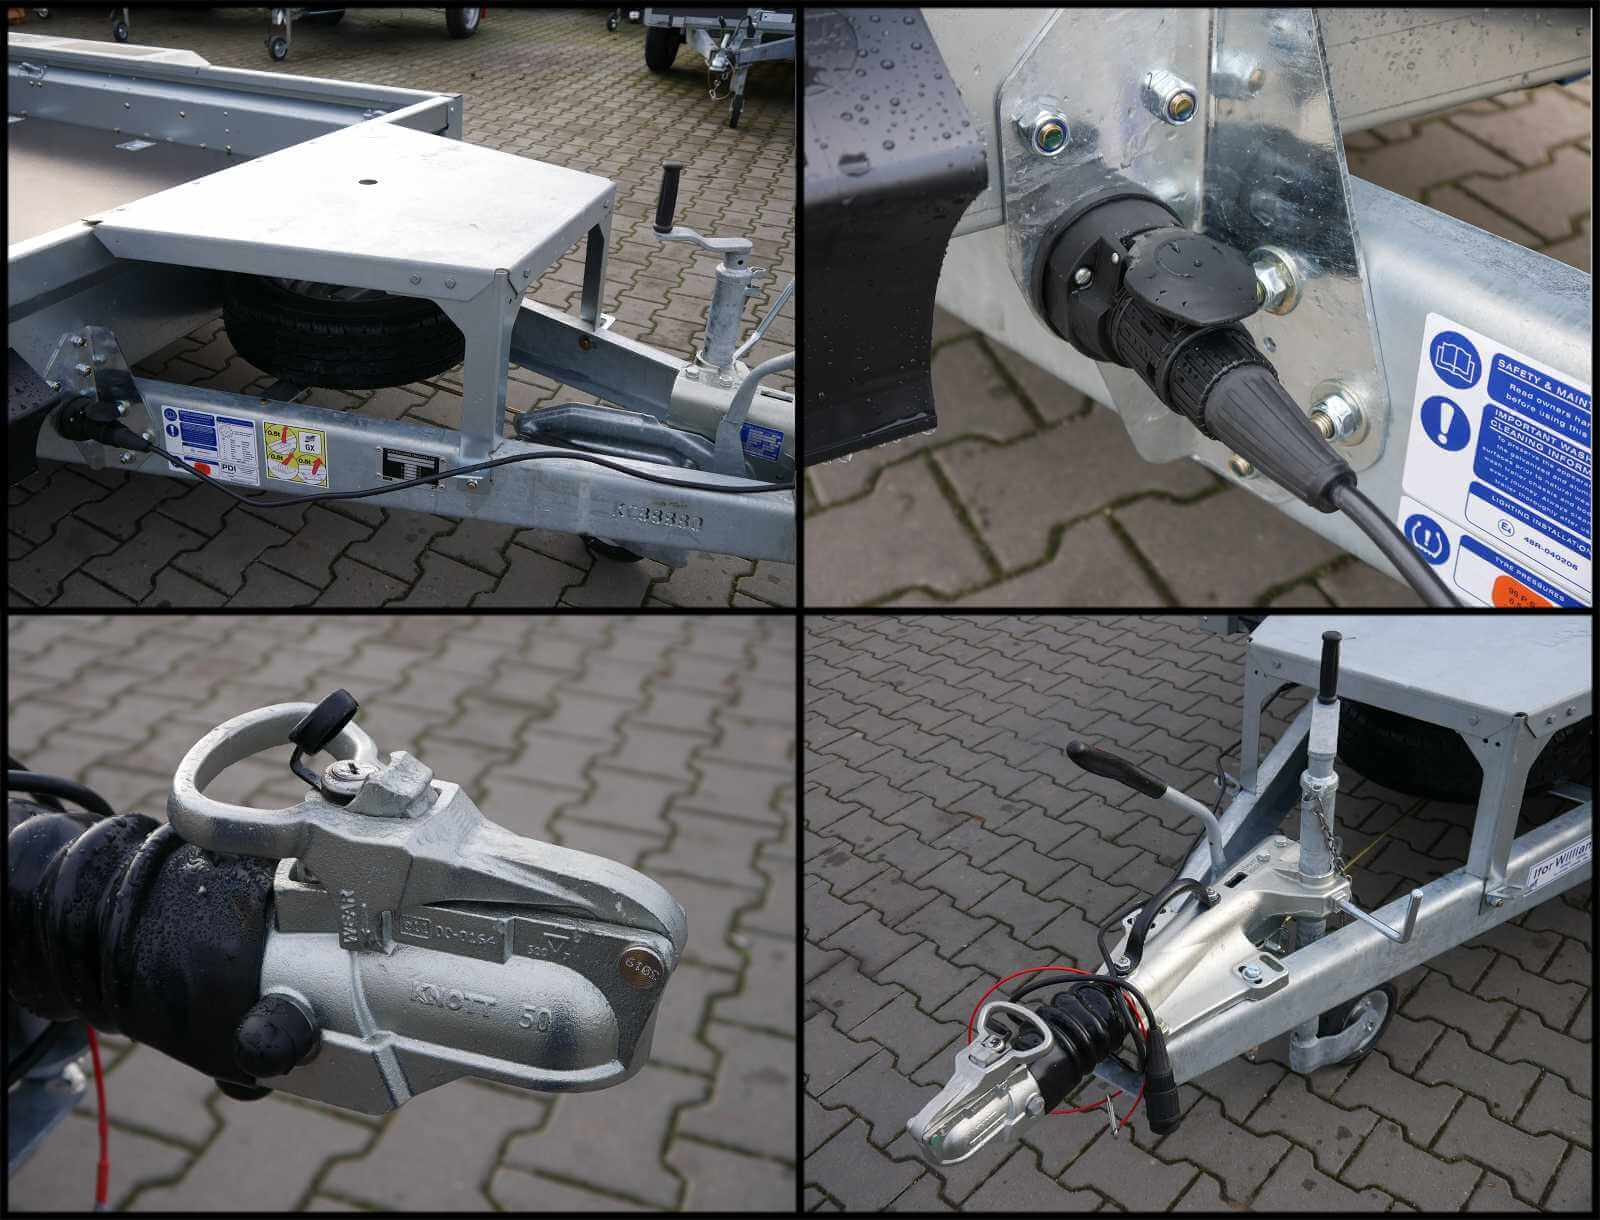 Ifor Williams GX 125 HD Löffelablage, abnehmbares 13-Pol Kabel, abschließbare Kupplung